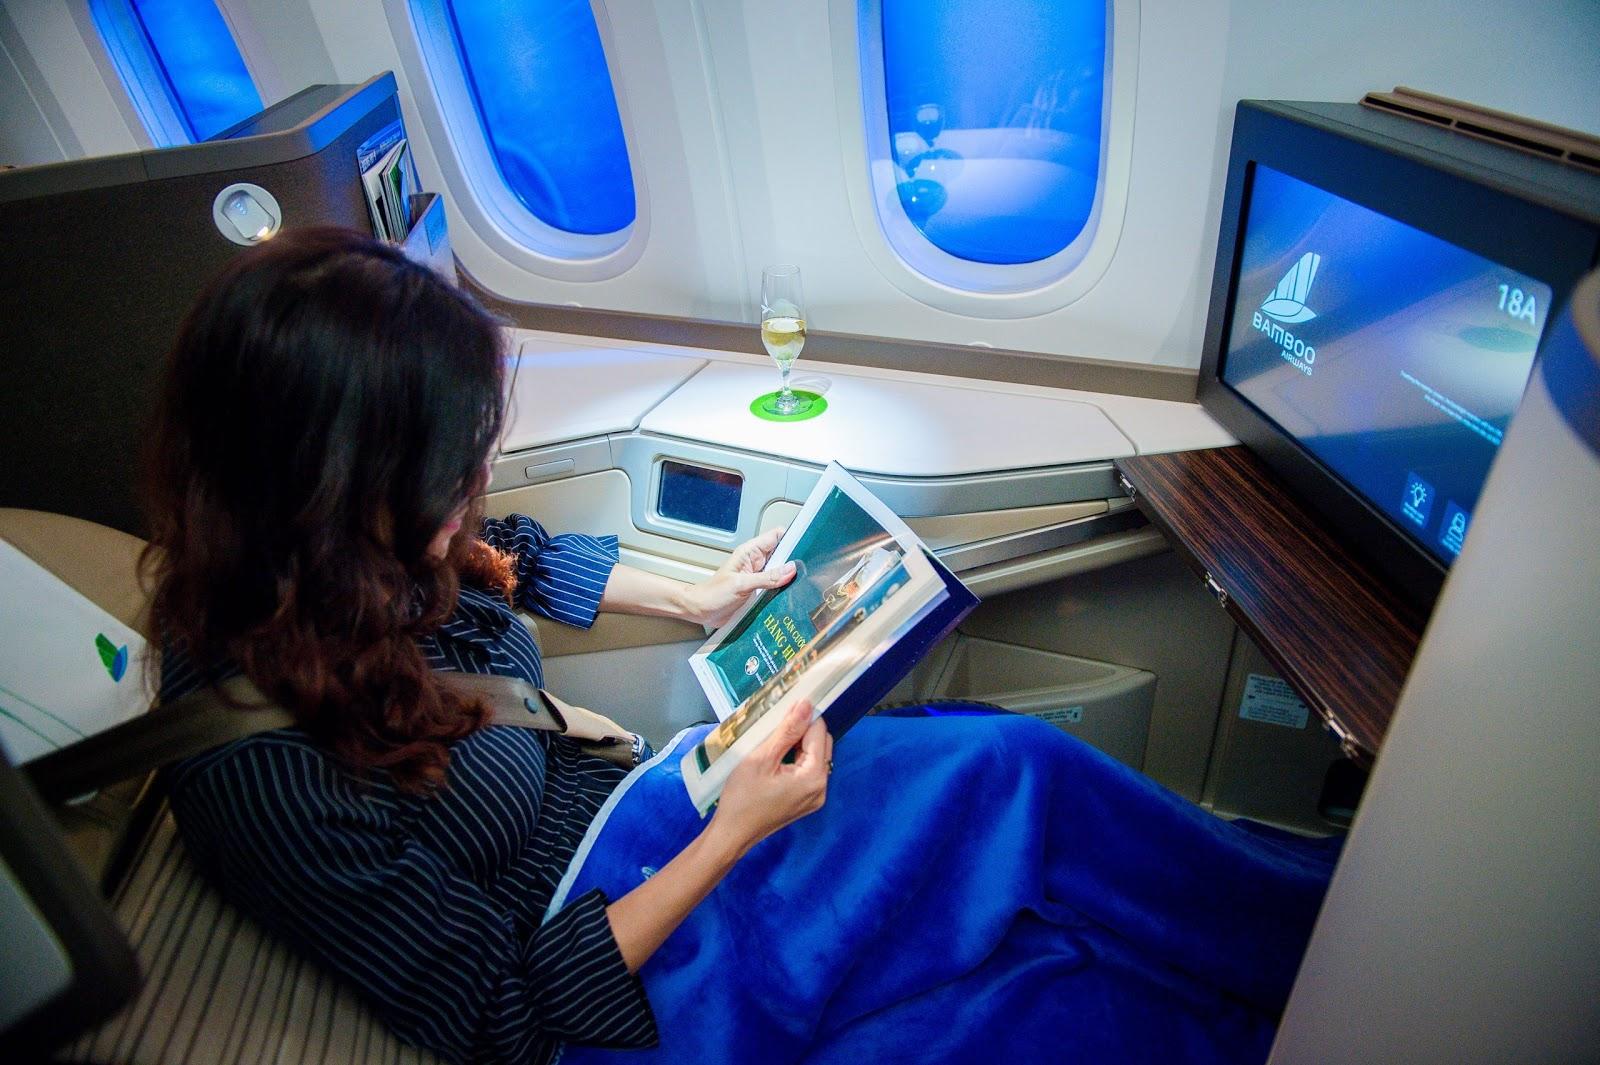 Quảng cáo tạp chí máy bay Việt Nam – tại sao không? marketingreview.vn